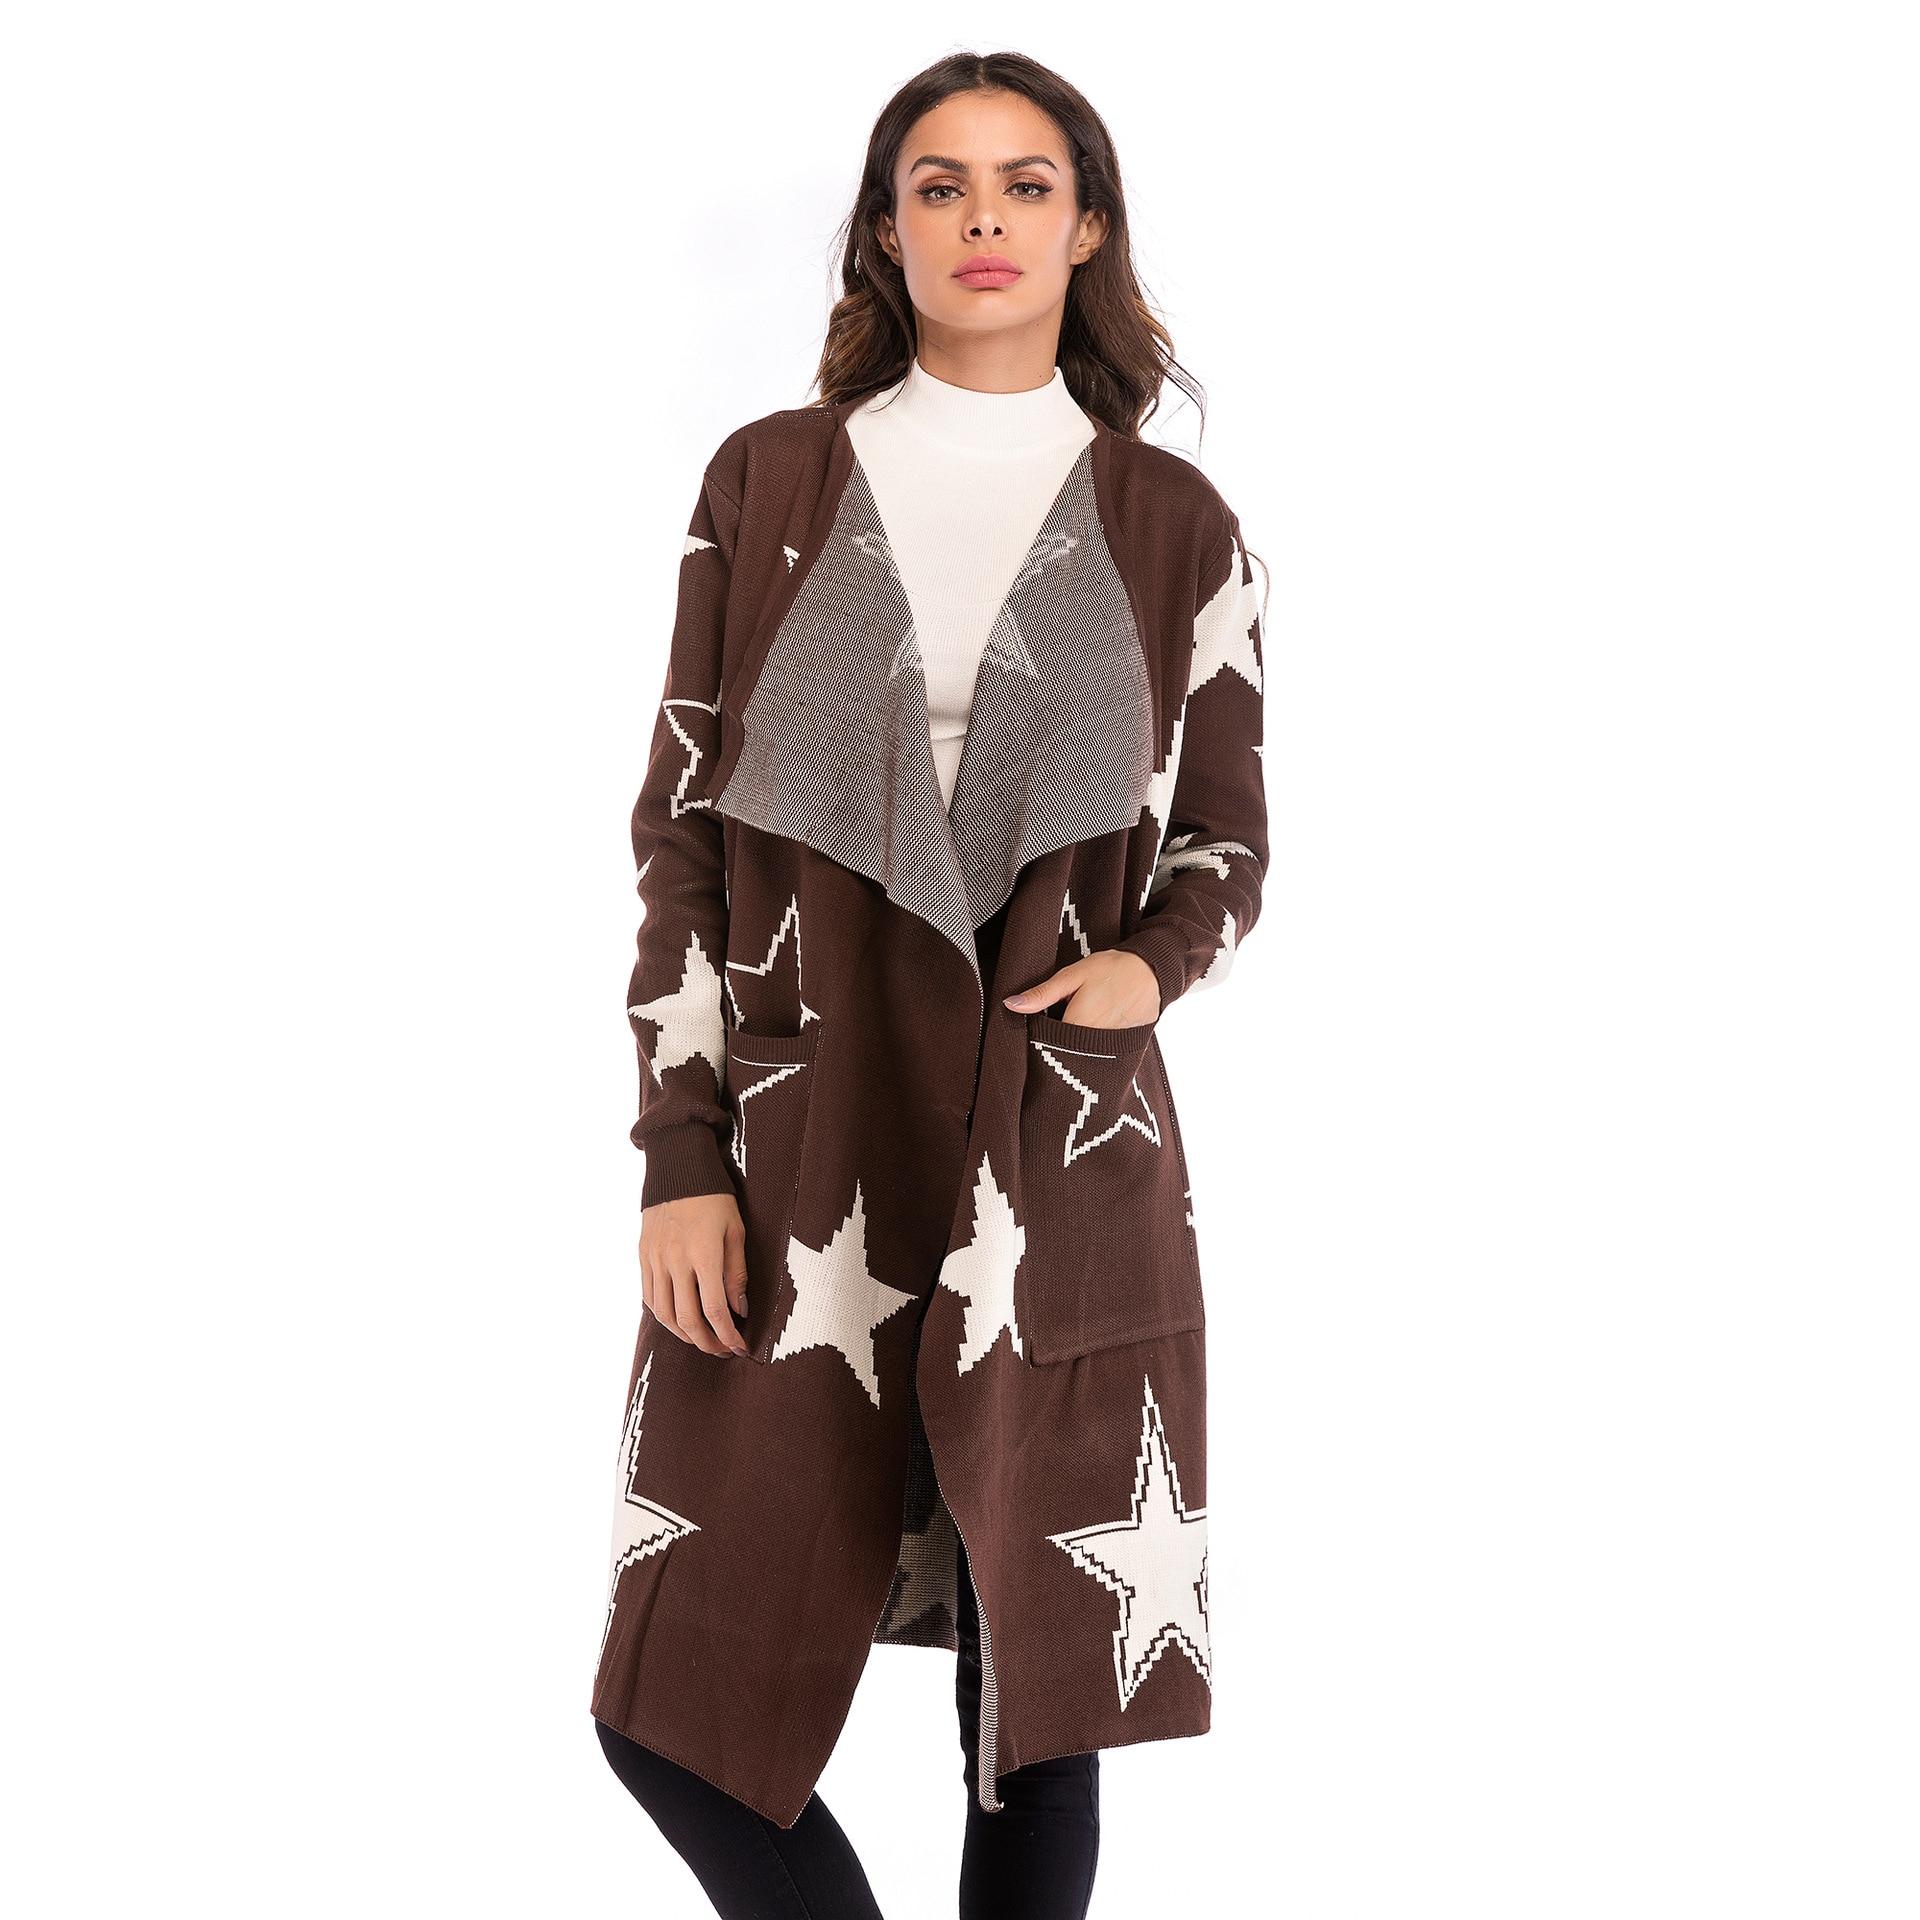 De Bourgogne Tricoté Pour Veste Vêtements 2018 Manteau Et Étoiles Femmes Long Chandail Cardigan Motif Automne Américaines Lâche Européennes EqxdTwnw4